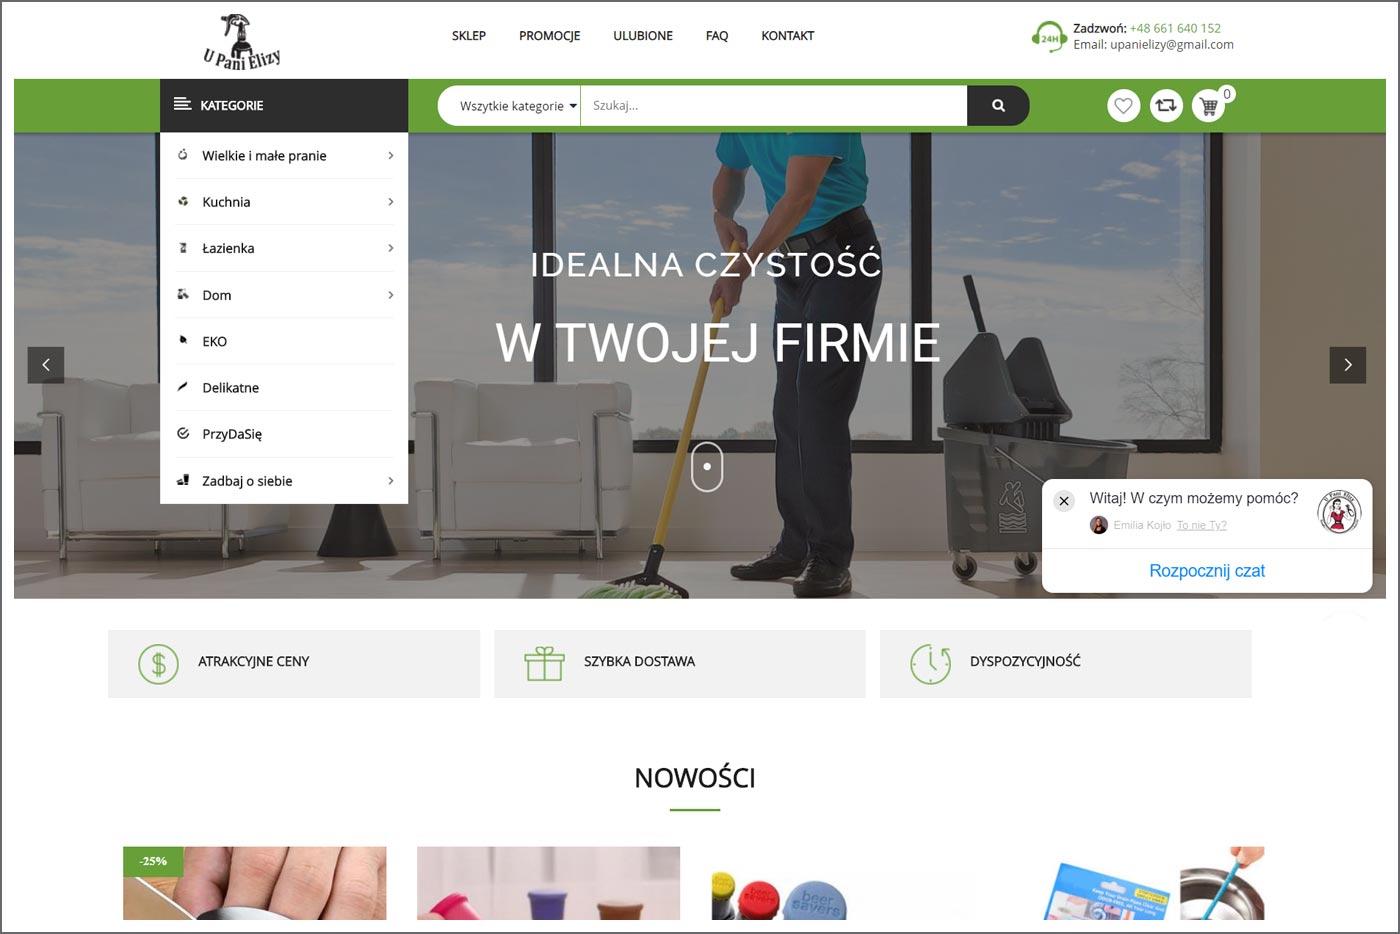 www.evion.pl-agencja-reklamowa-agencja-marketingowa-agencja-interaktywna-Białystok-tworzenie-stron-www-projektowanie-stron-internetowych-tworzenie-sklepów-internetowych-wsklep-upanielizy-1 — kopia